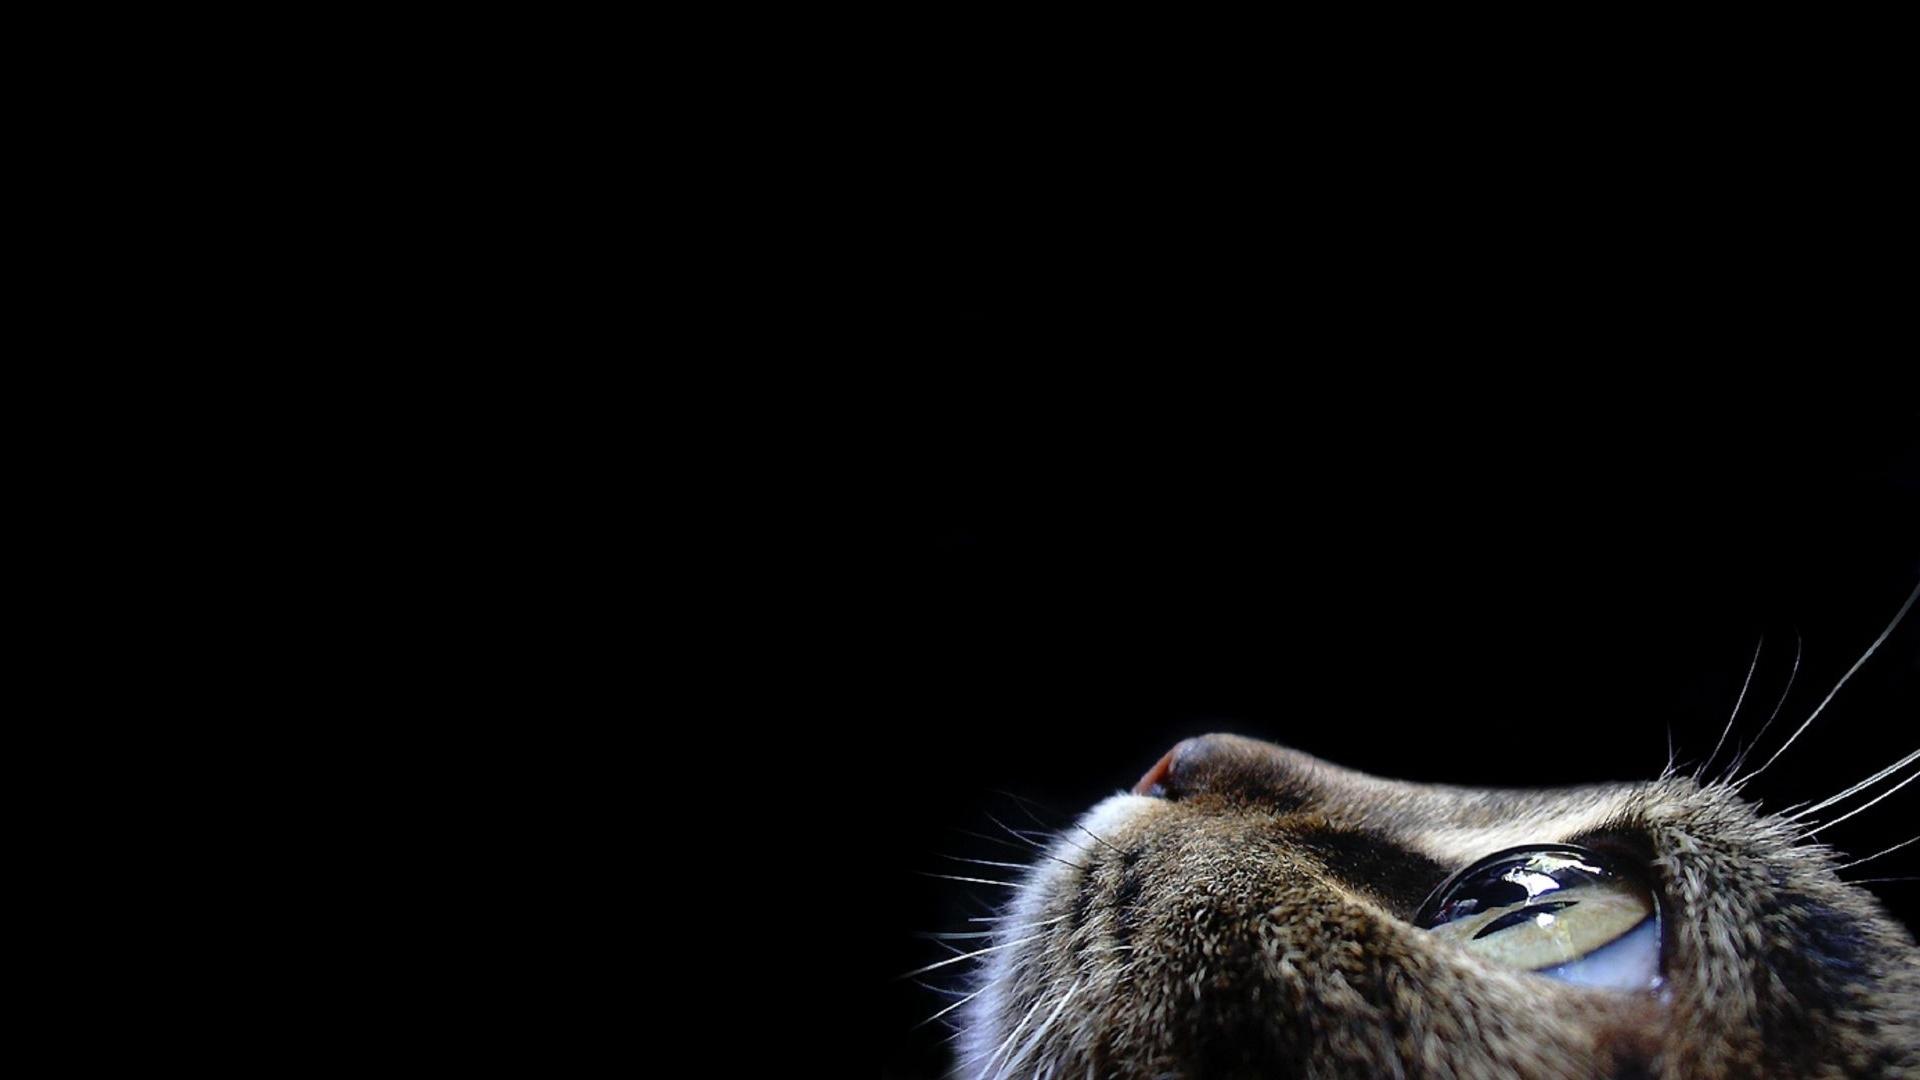 Tapety Zwierzęta Koty